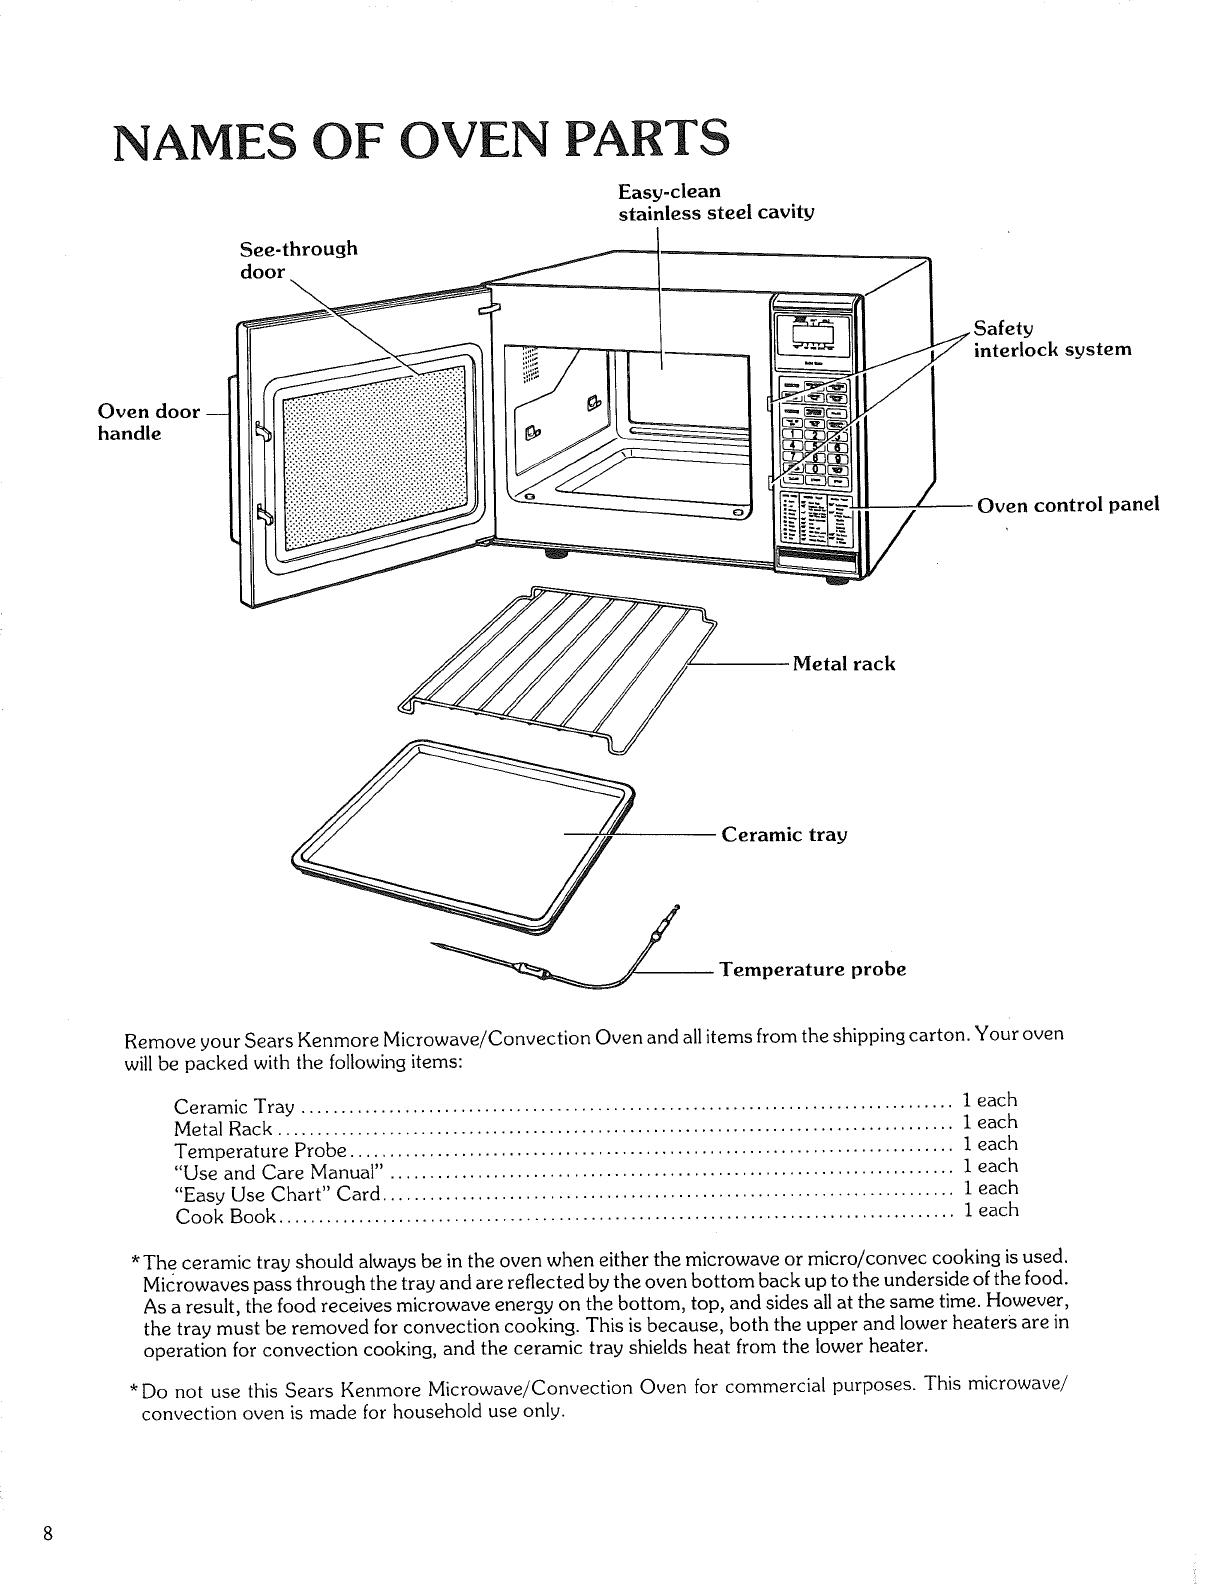 Kenmore Microwave Oven Repair Manual Bestmicrowave